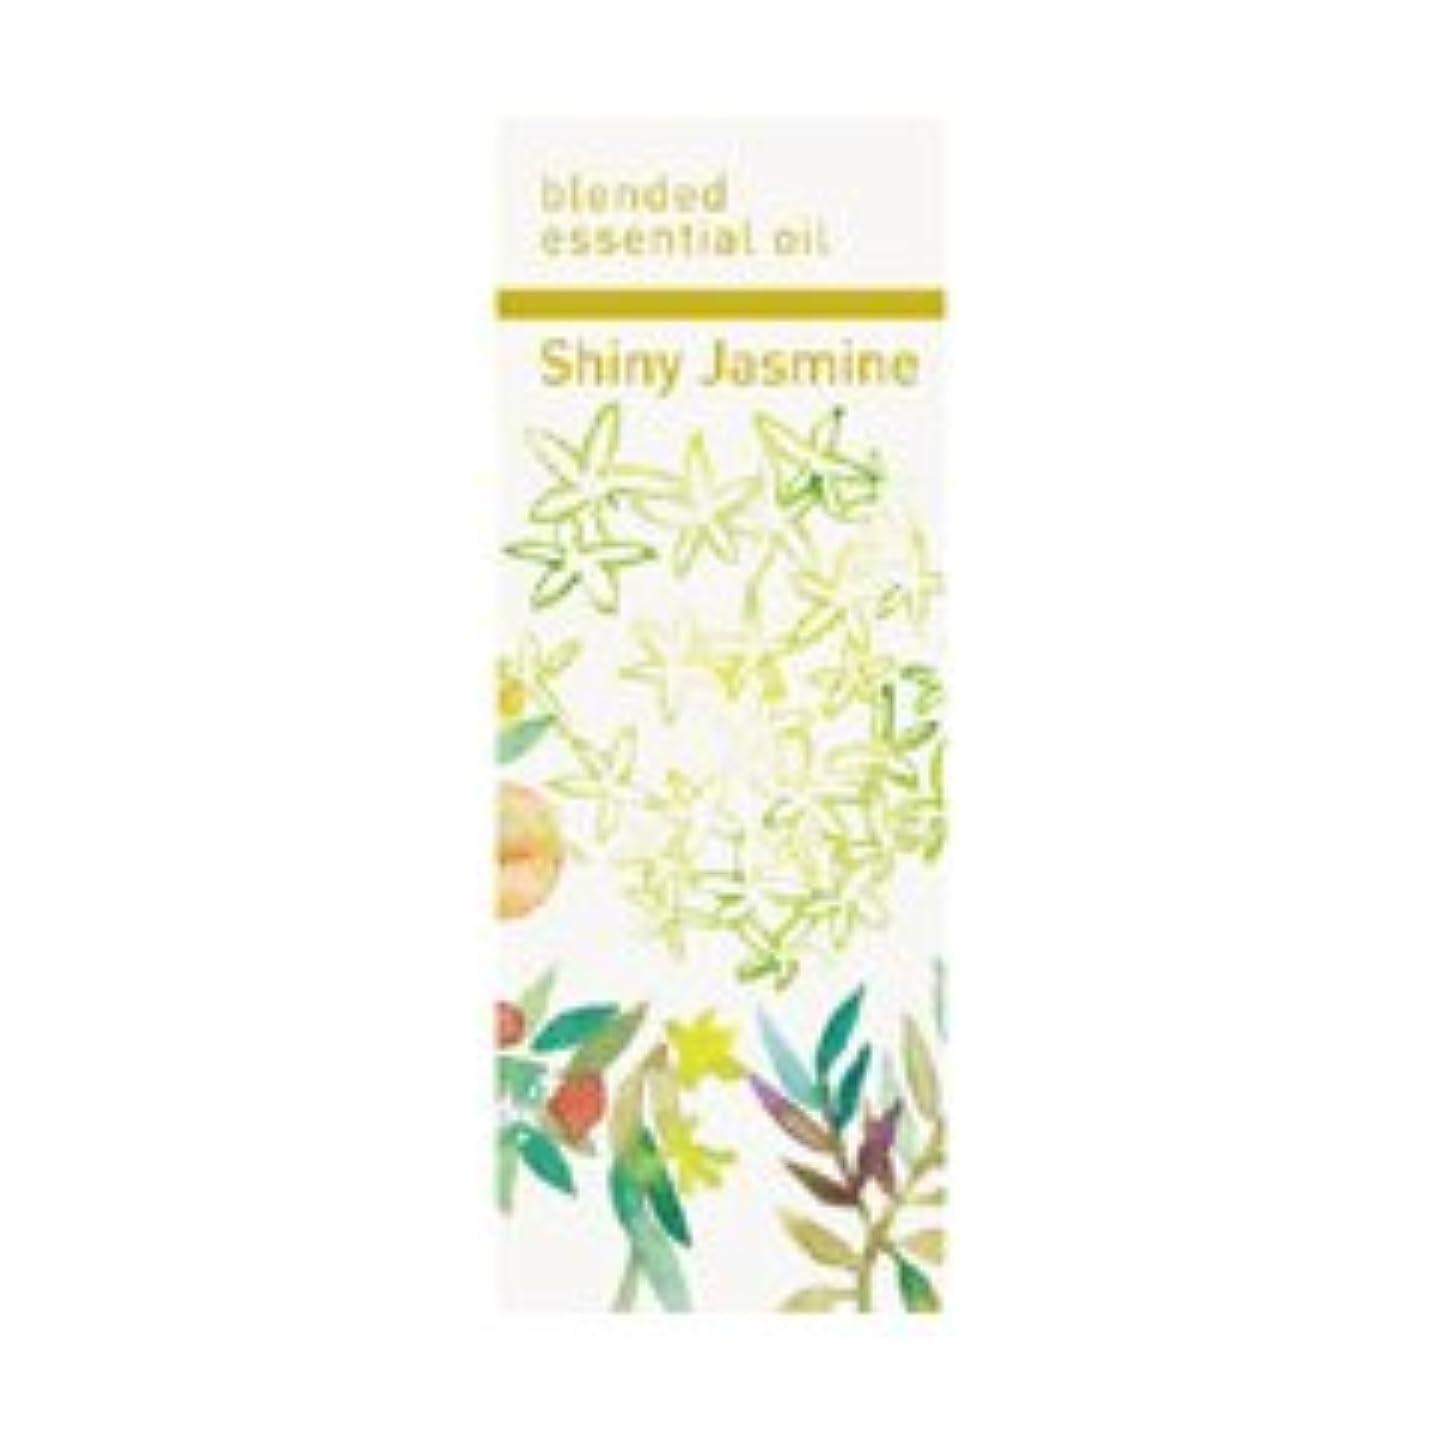 気絶させる傘プール生活の木 ブレンドエッセンシャルオイル シャイニージャスミン [30ml] エッセンシャルオイル/精油